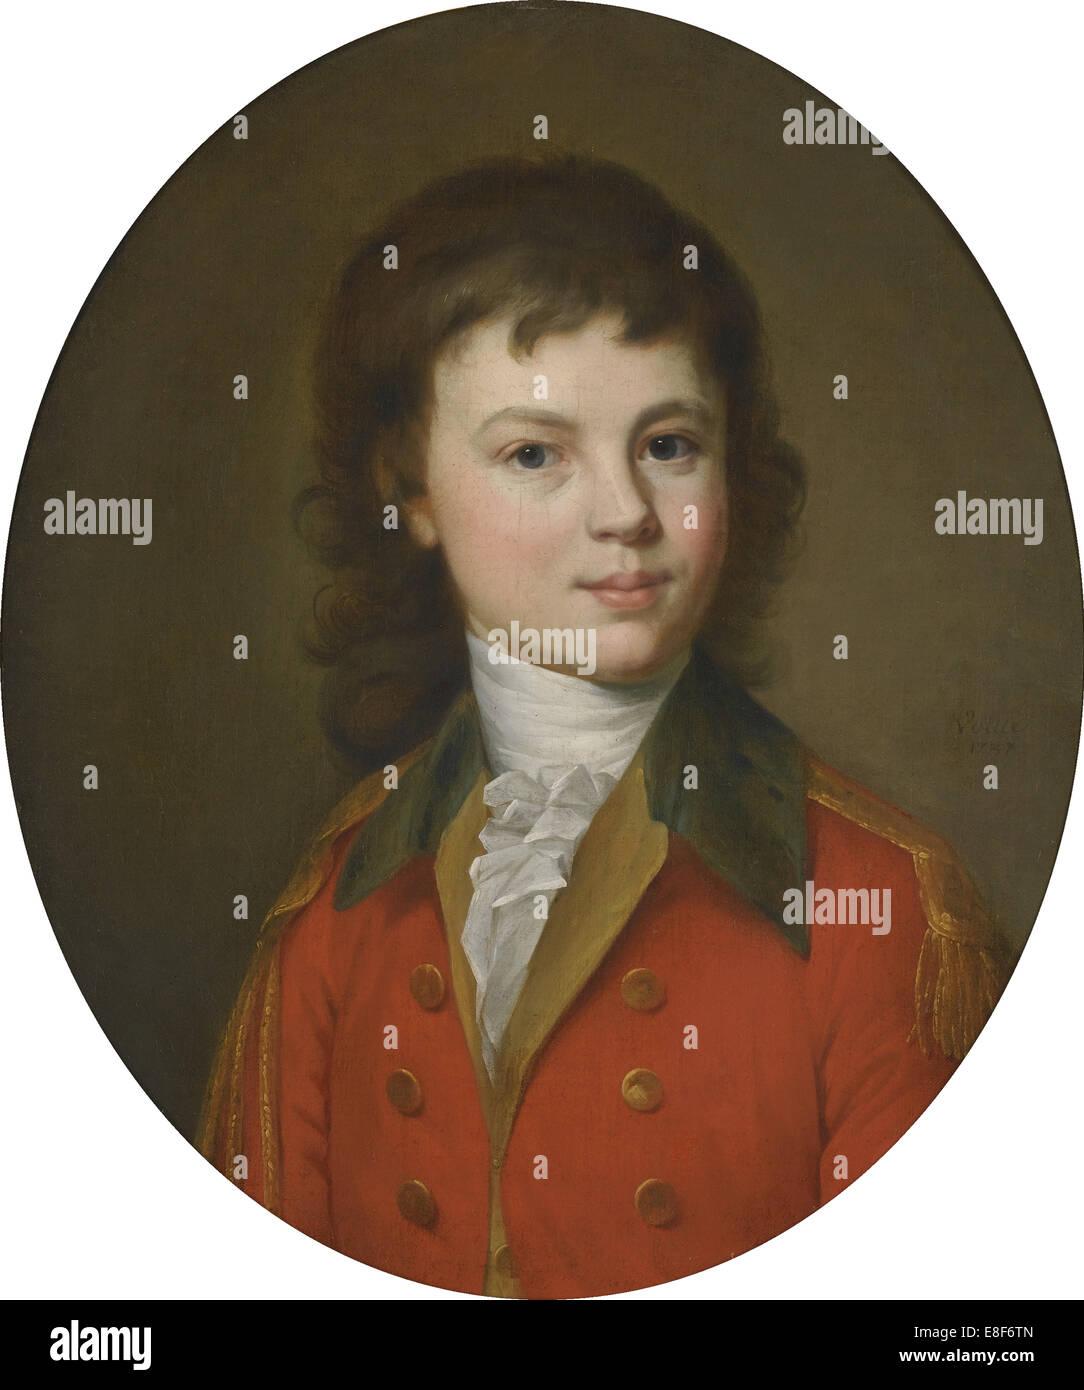 Porträt des Grafen Pavel Alexandrovich Stroganov (1774-1817), im Alter von 15. Künstler: Voille, Jean Stockbild